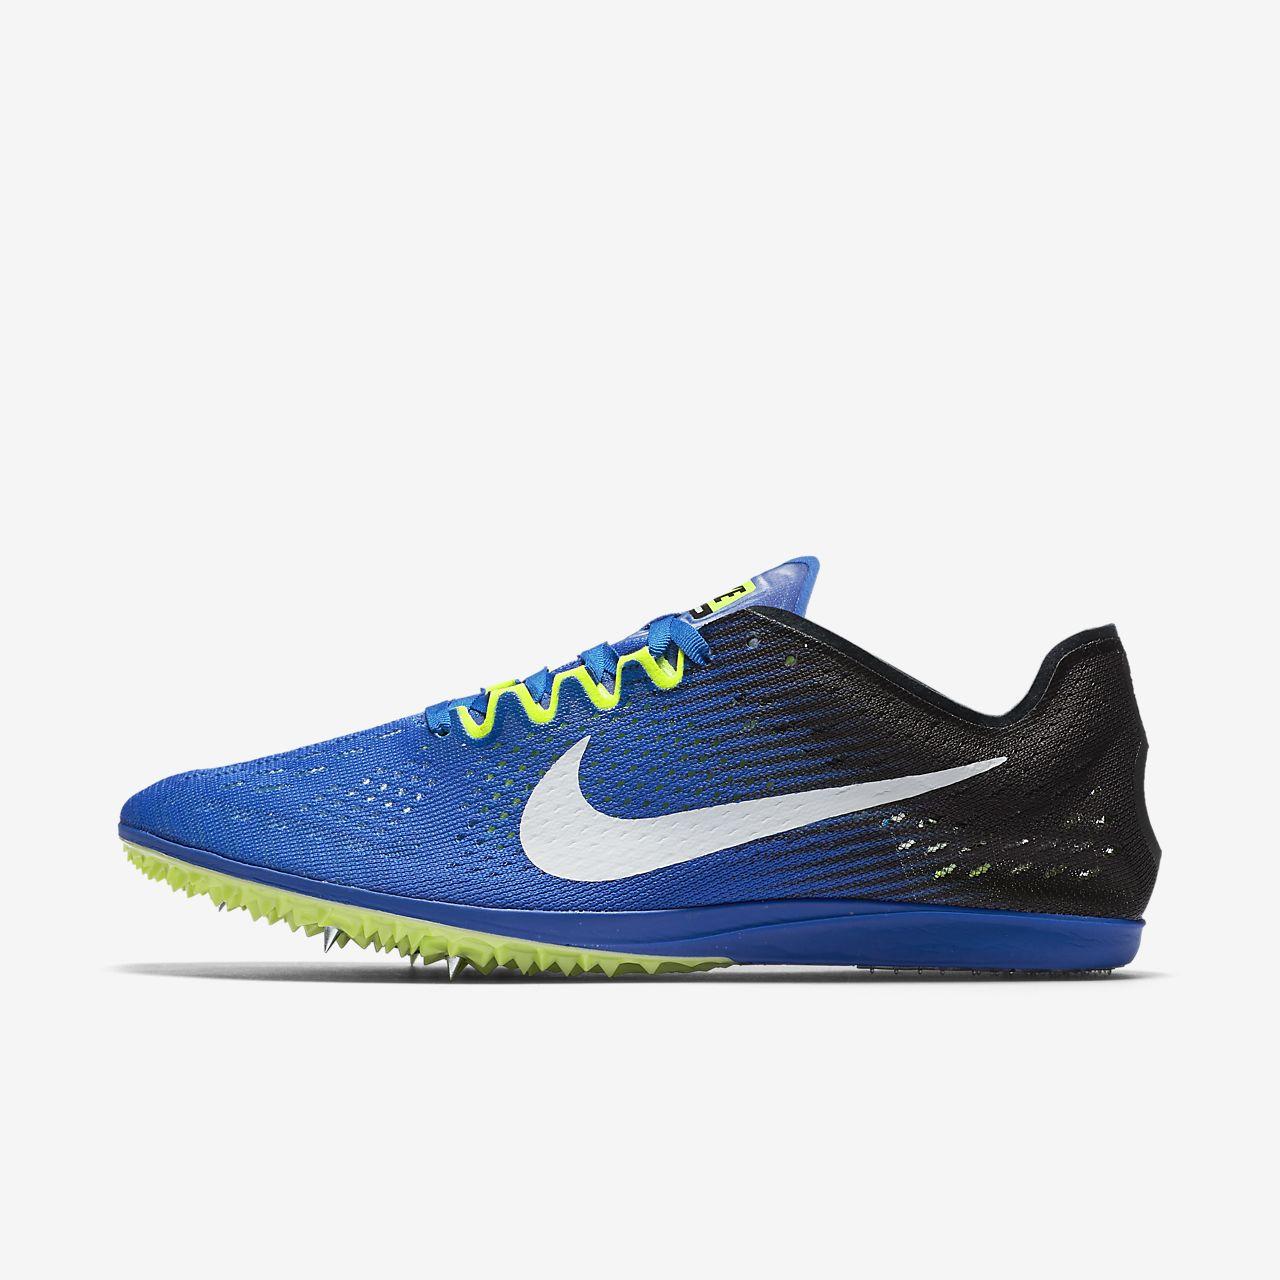 d7a3ccce ... Шиповки унисекс для бега на средние дистанции Nike Zoom Matumbo 3